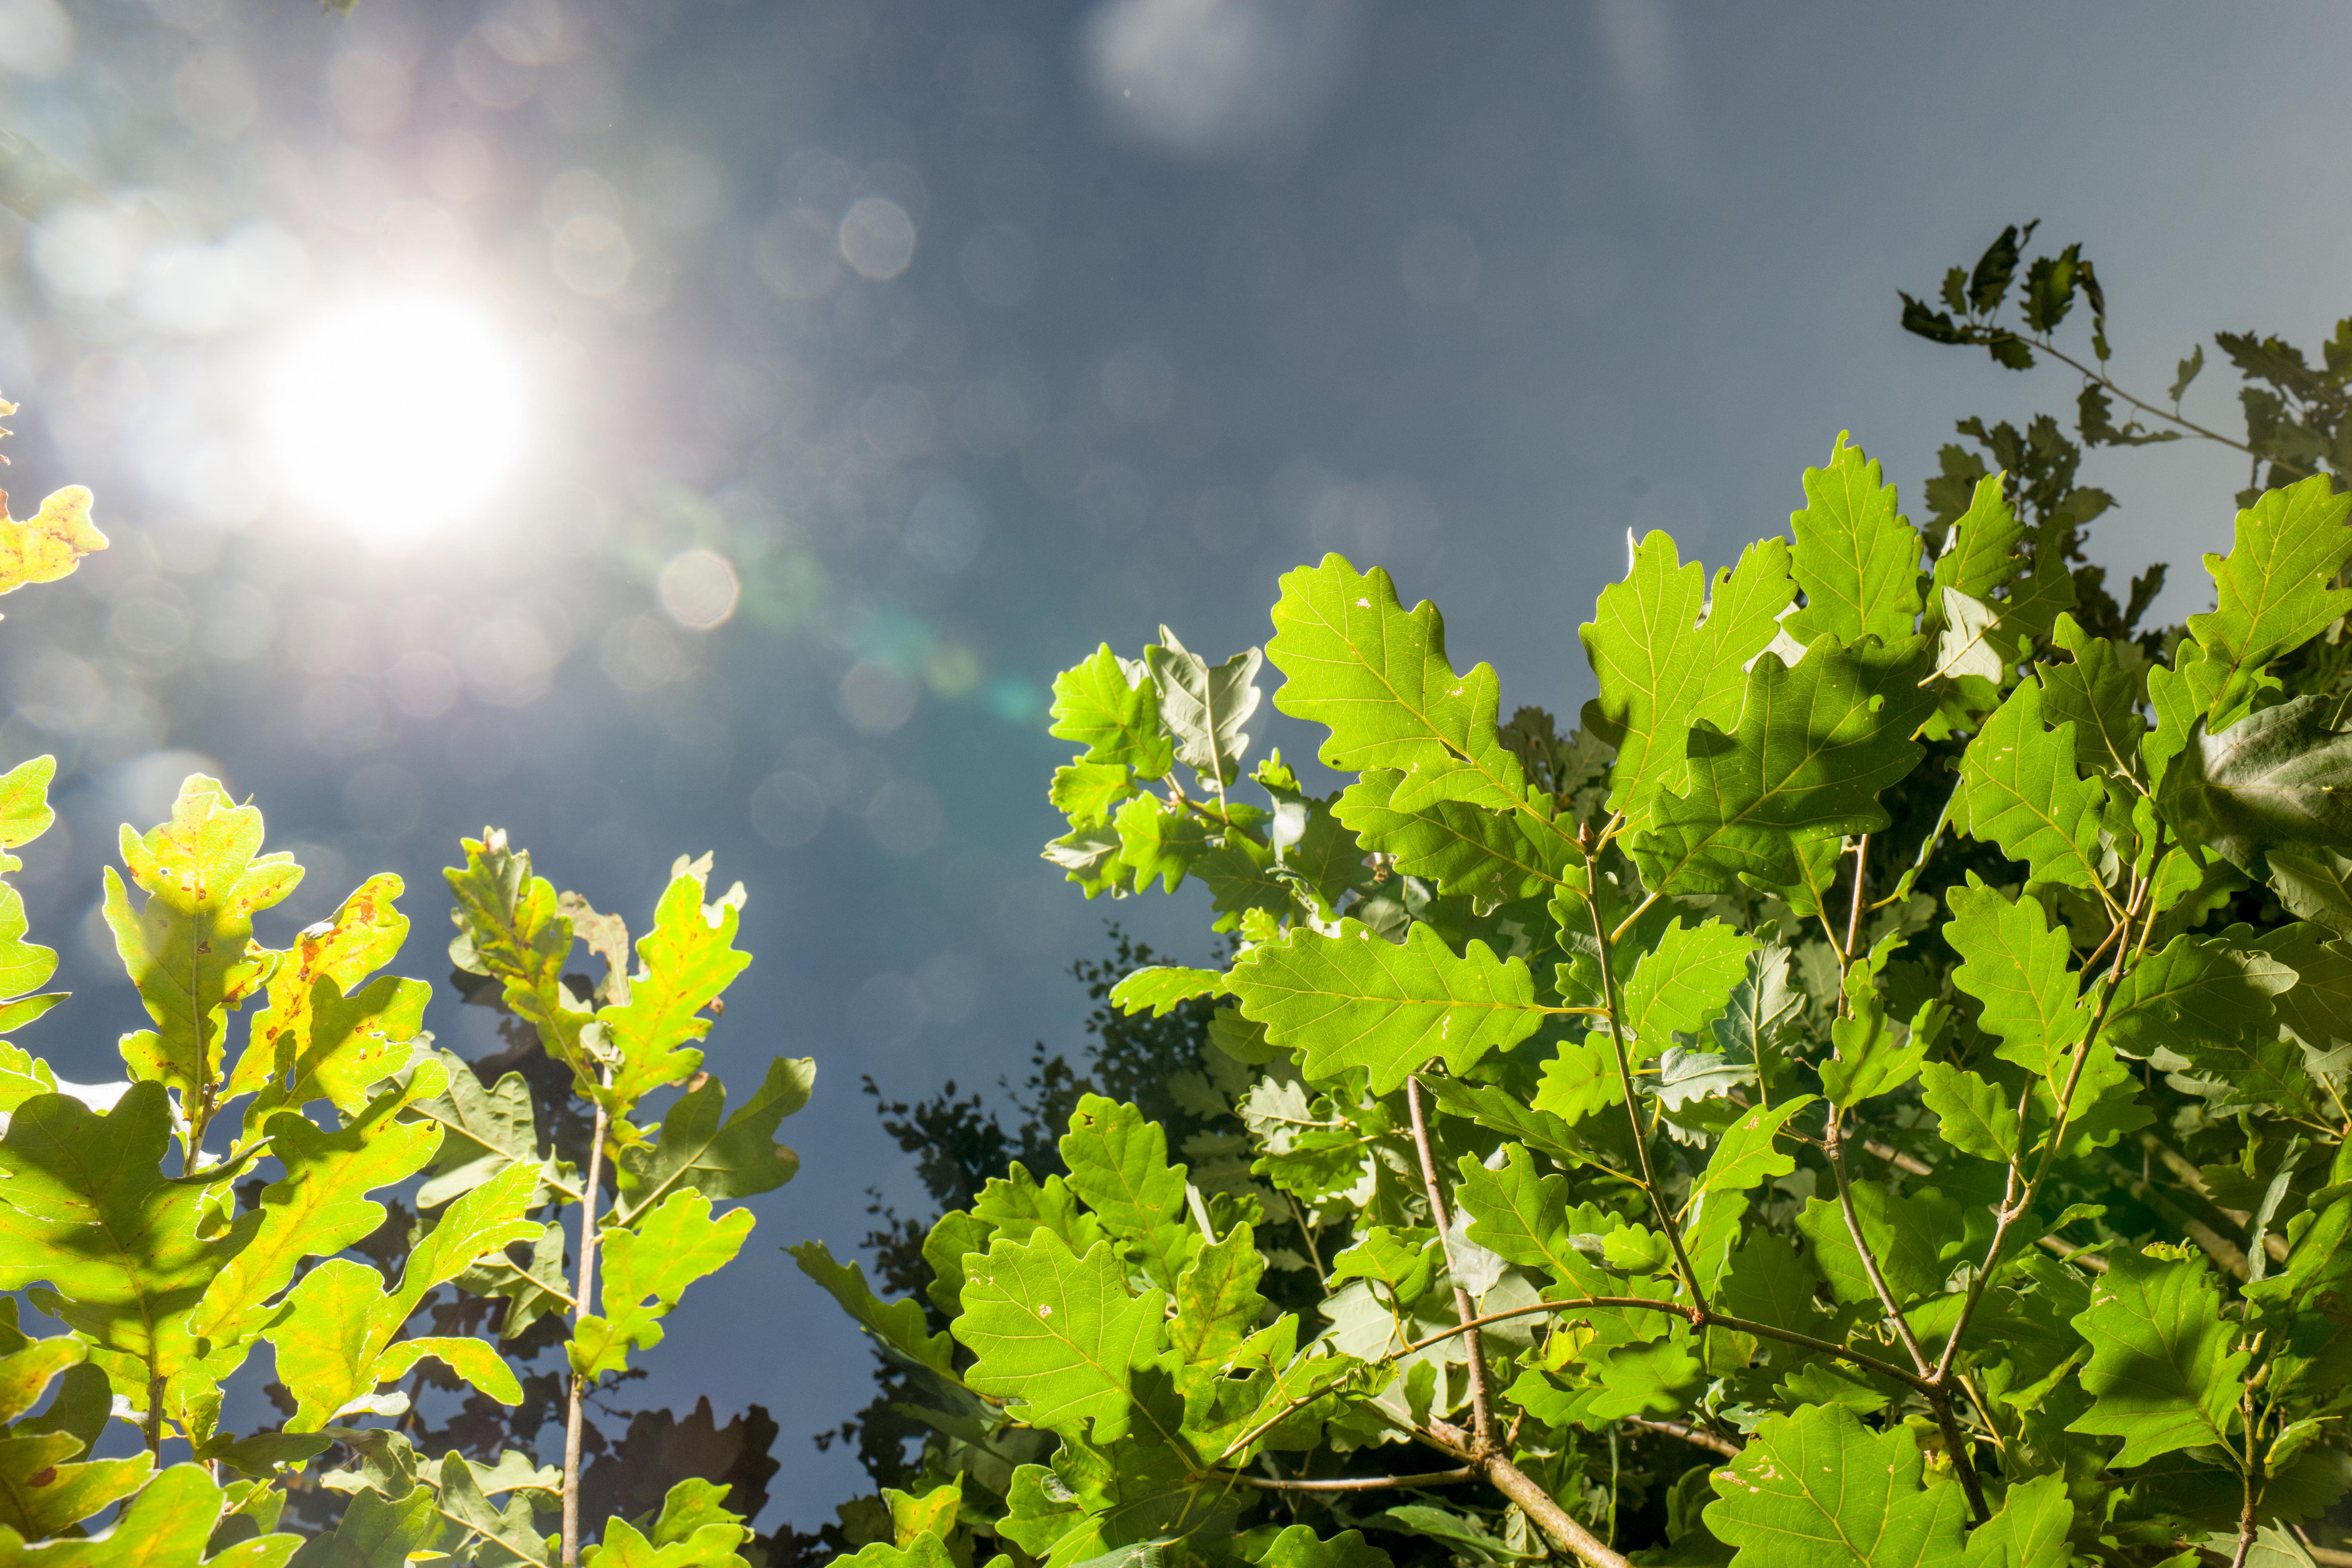 Listje na veji drevesa, v ozadju nebo in sonce, ki se blešči